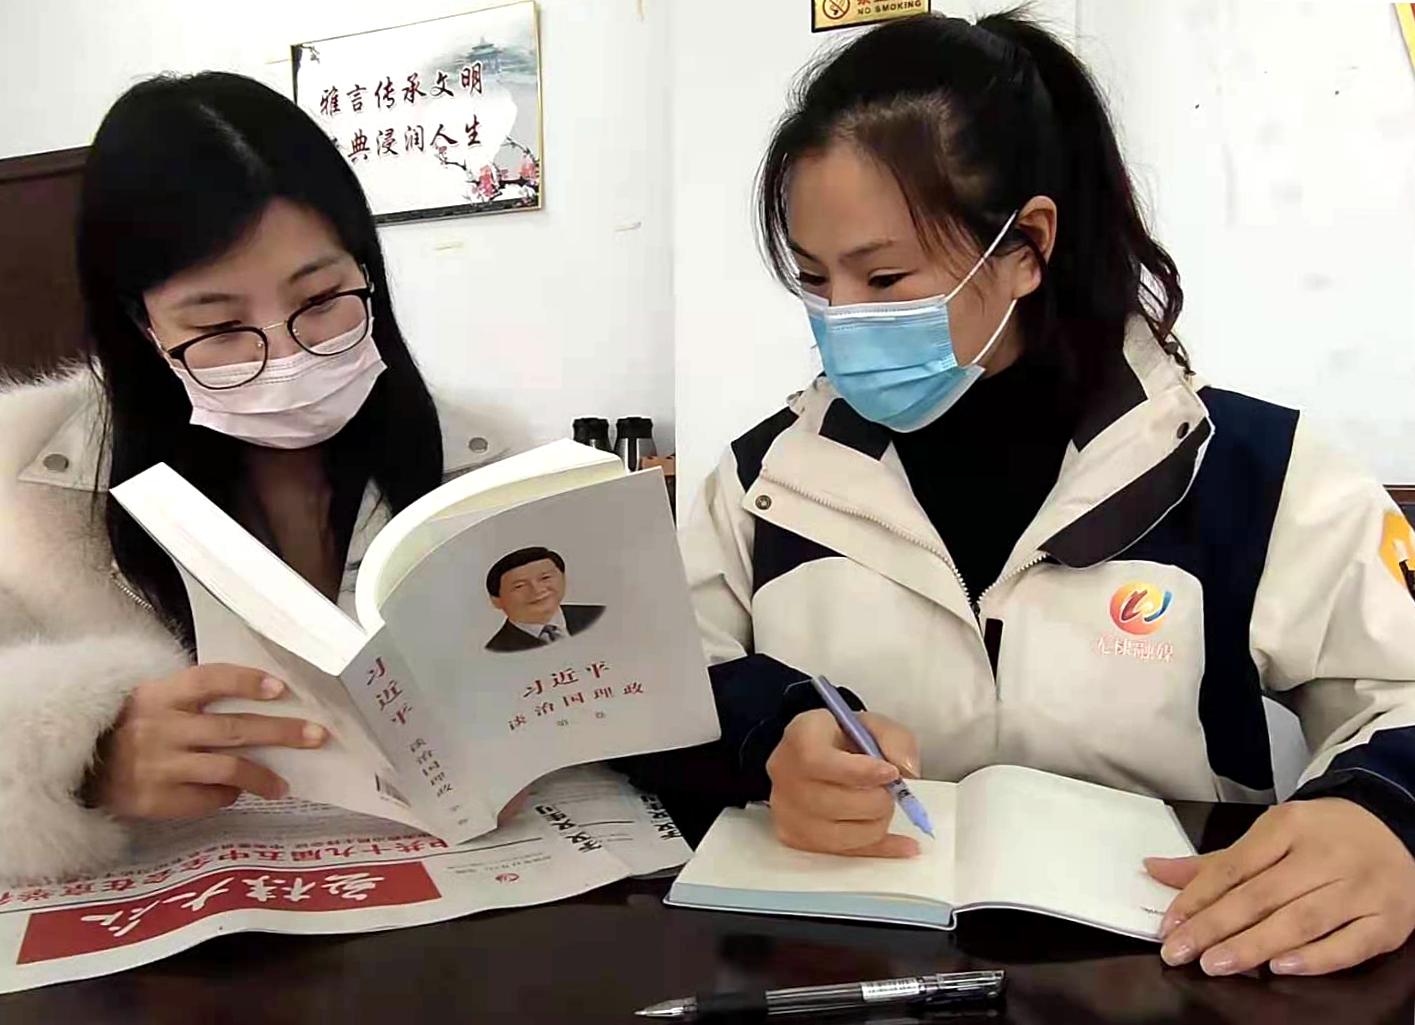 无棣县融媒体中心:学好用好《习近平谈治国理政》第三卷